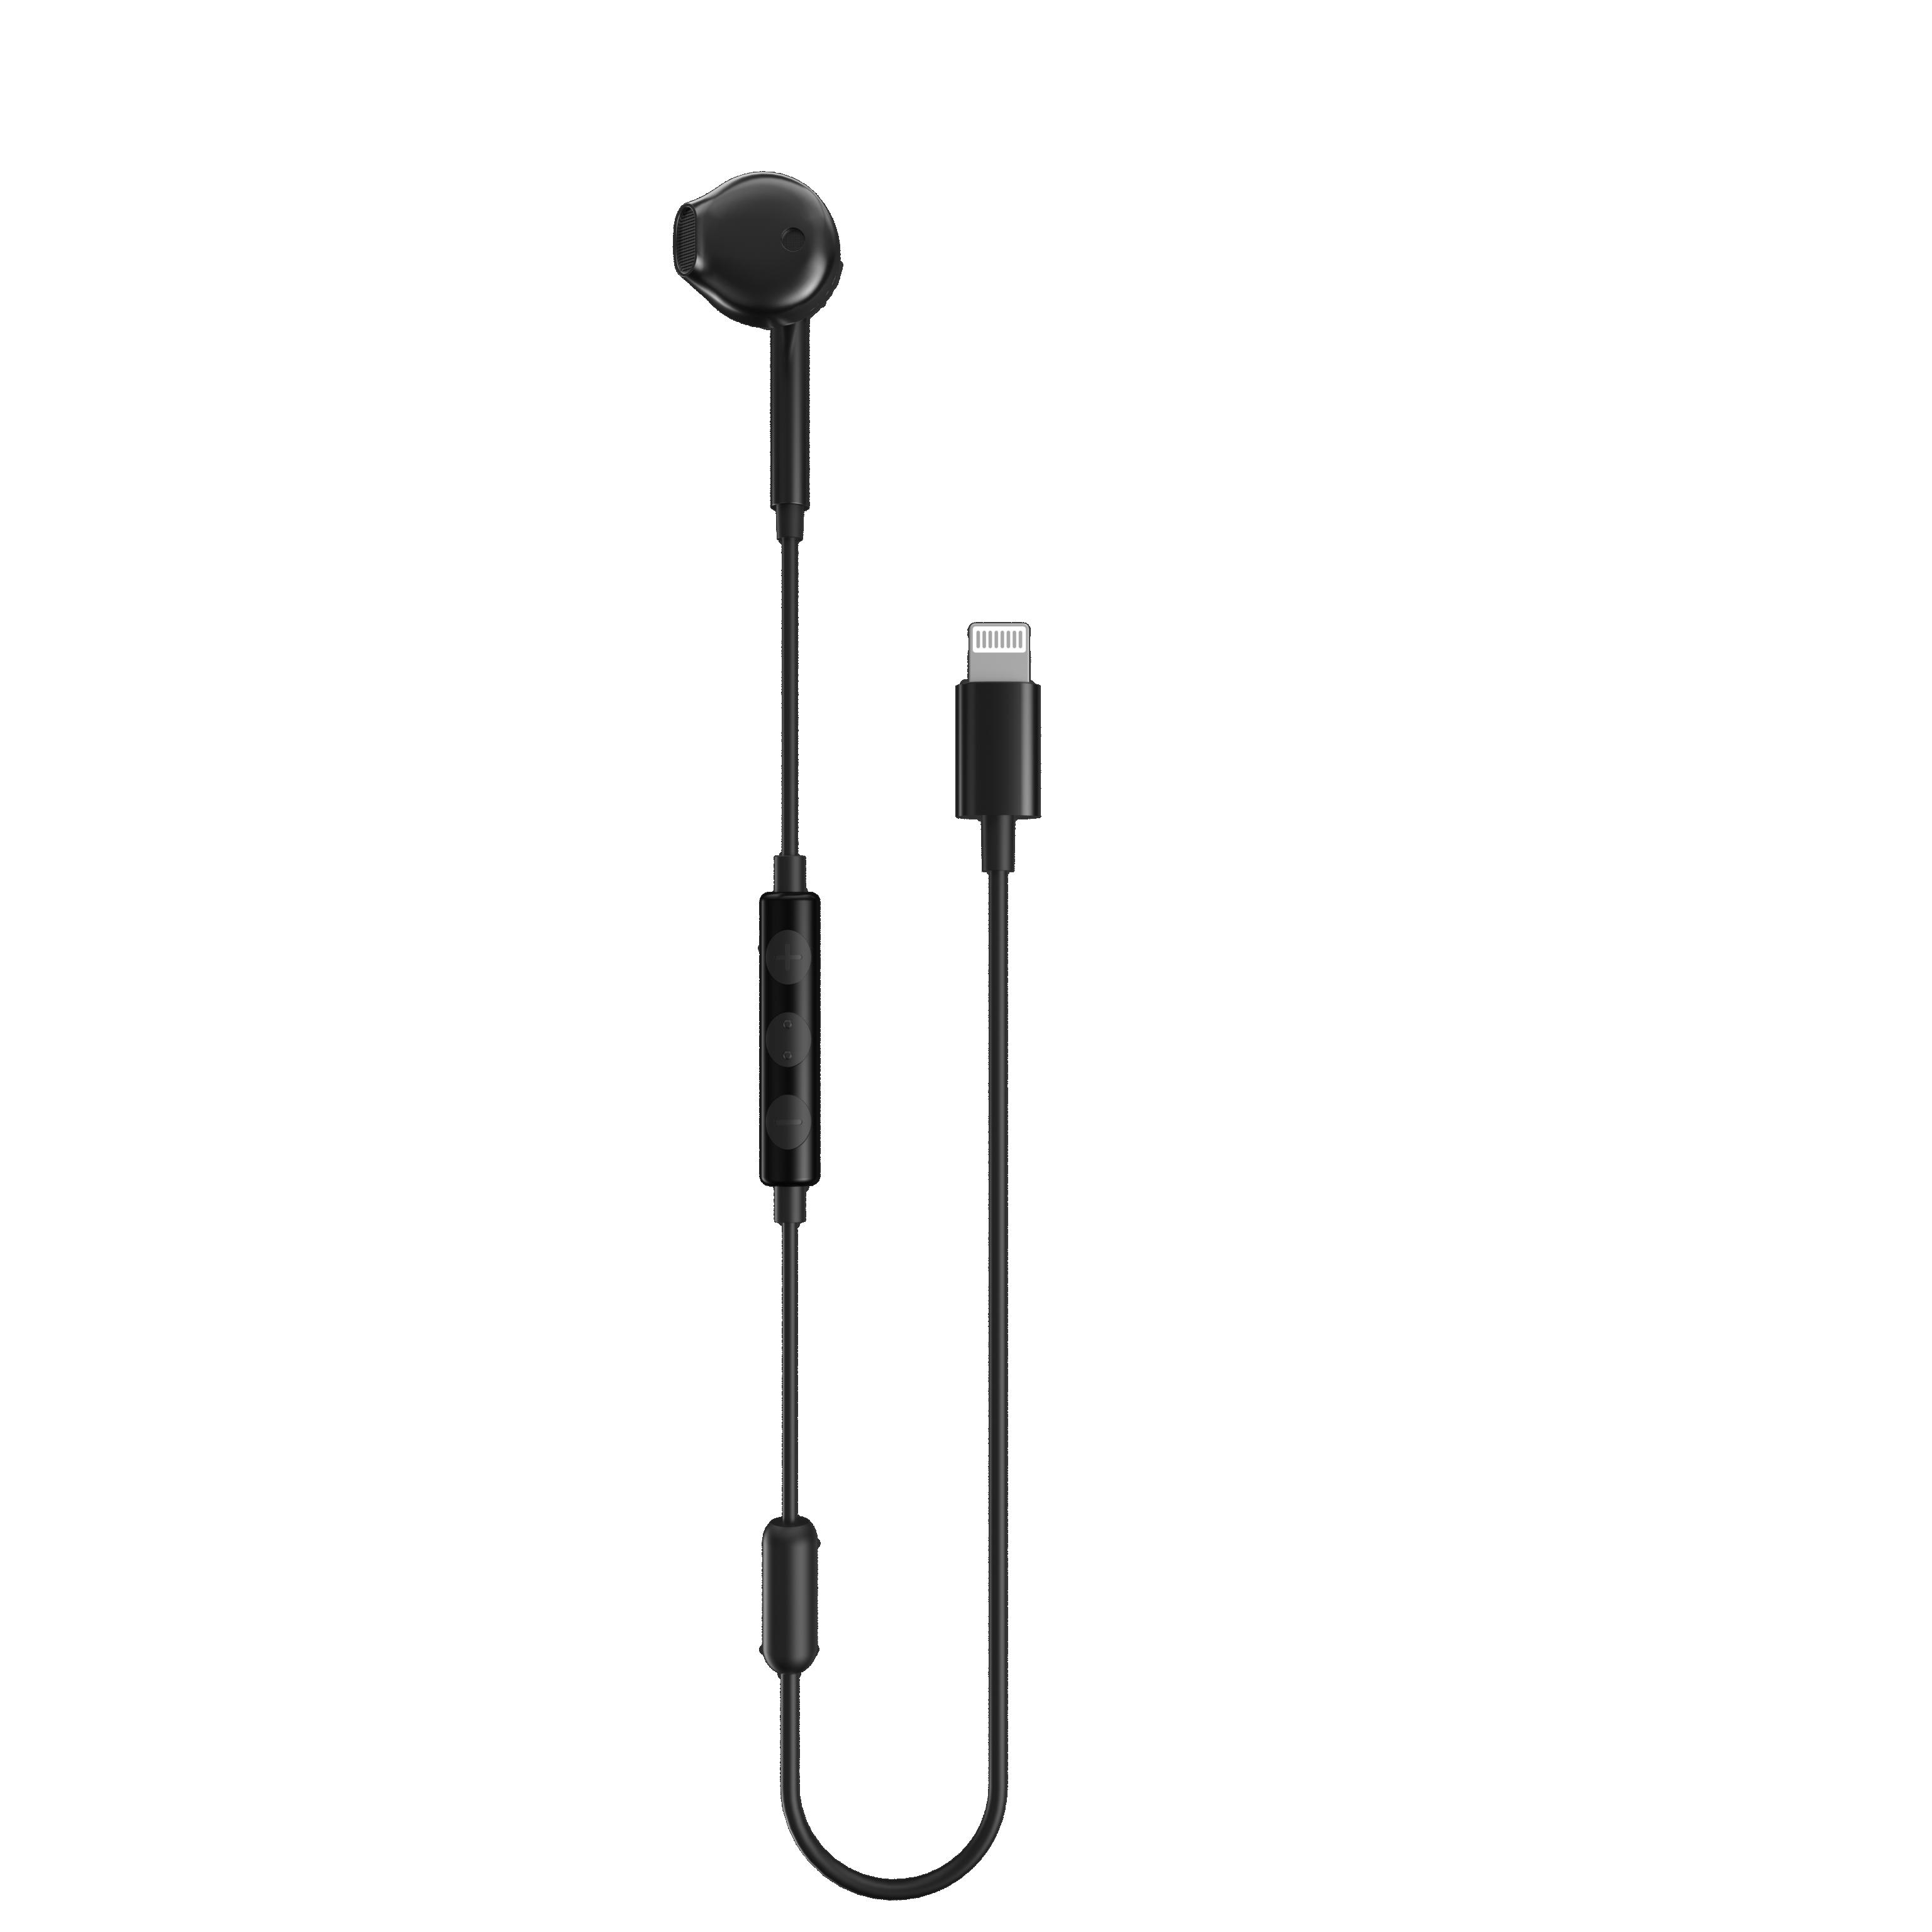 单边苹果有线耳机 带麦克风